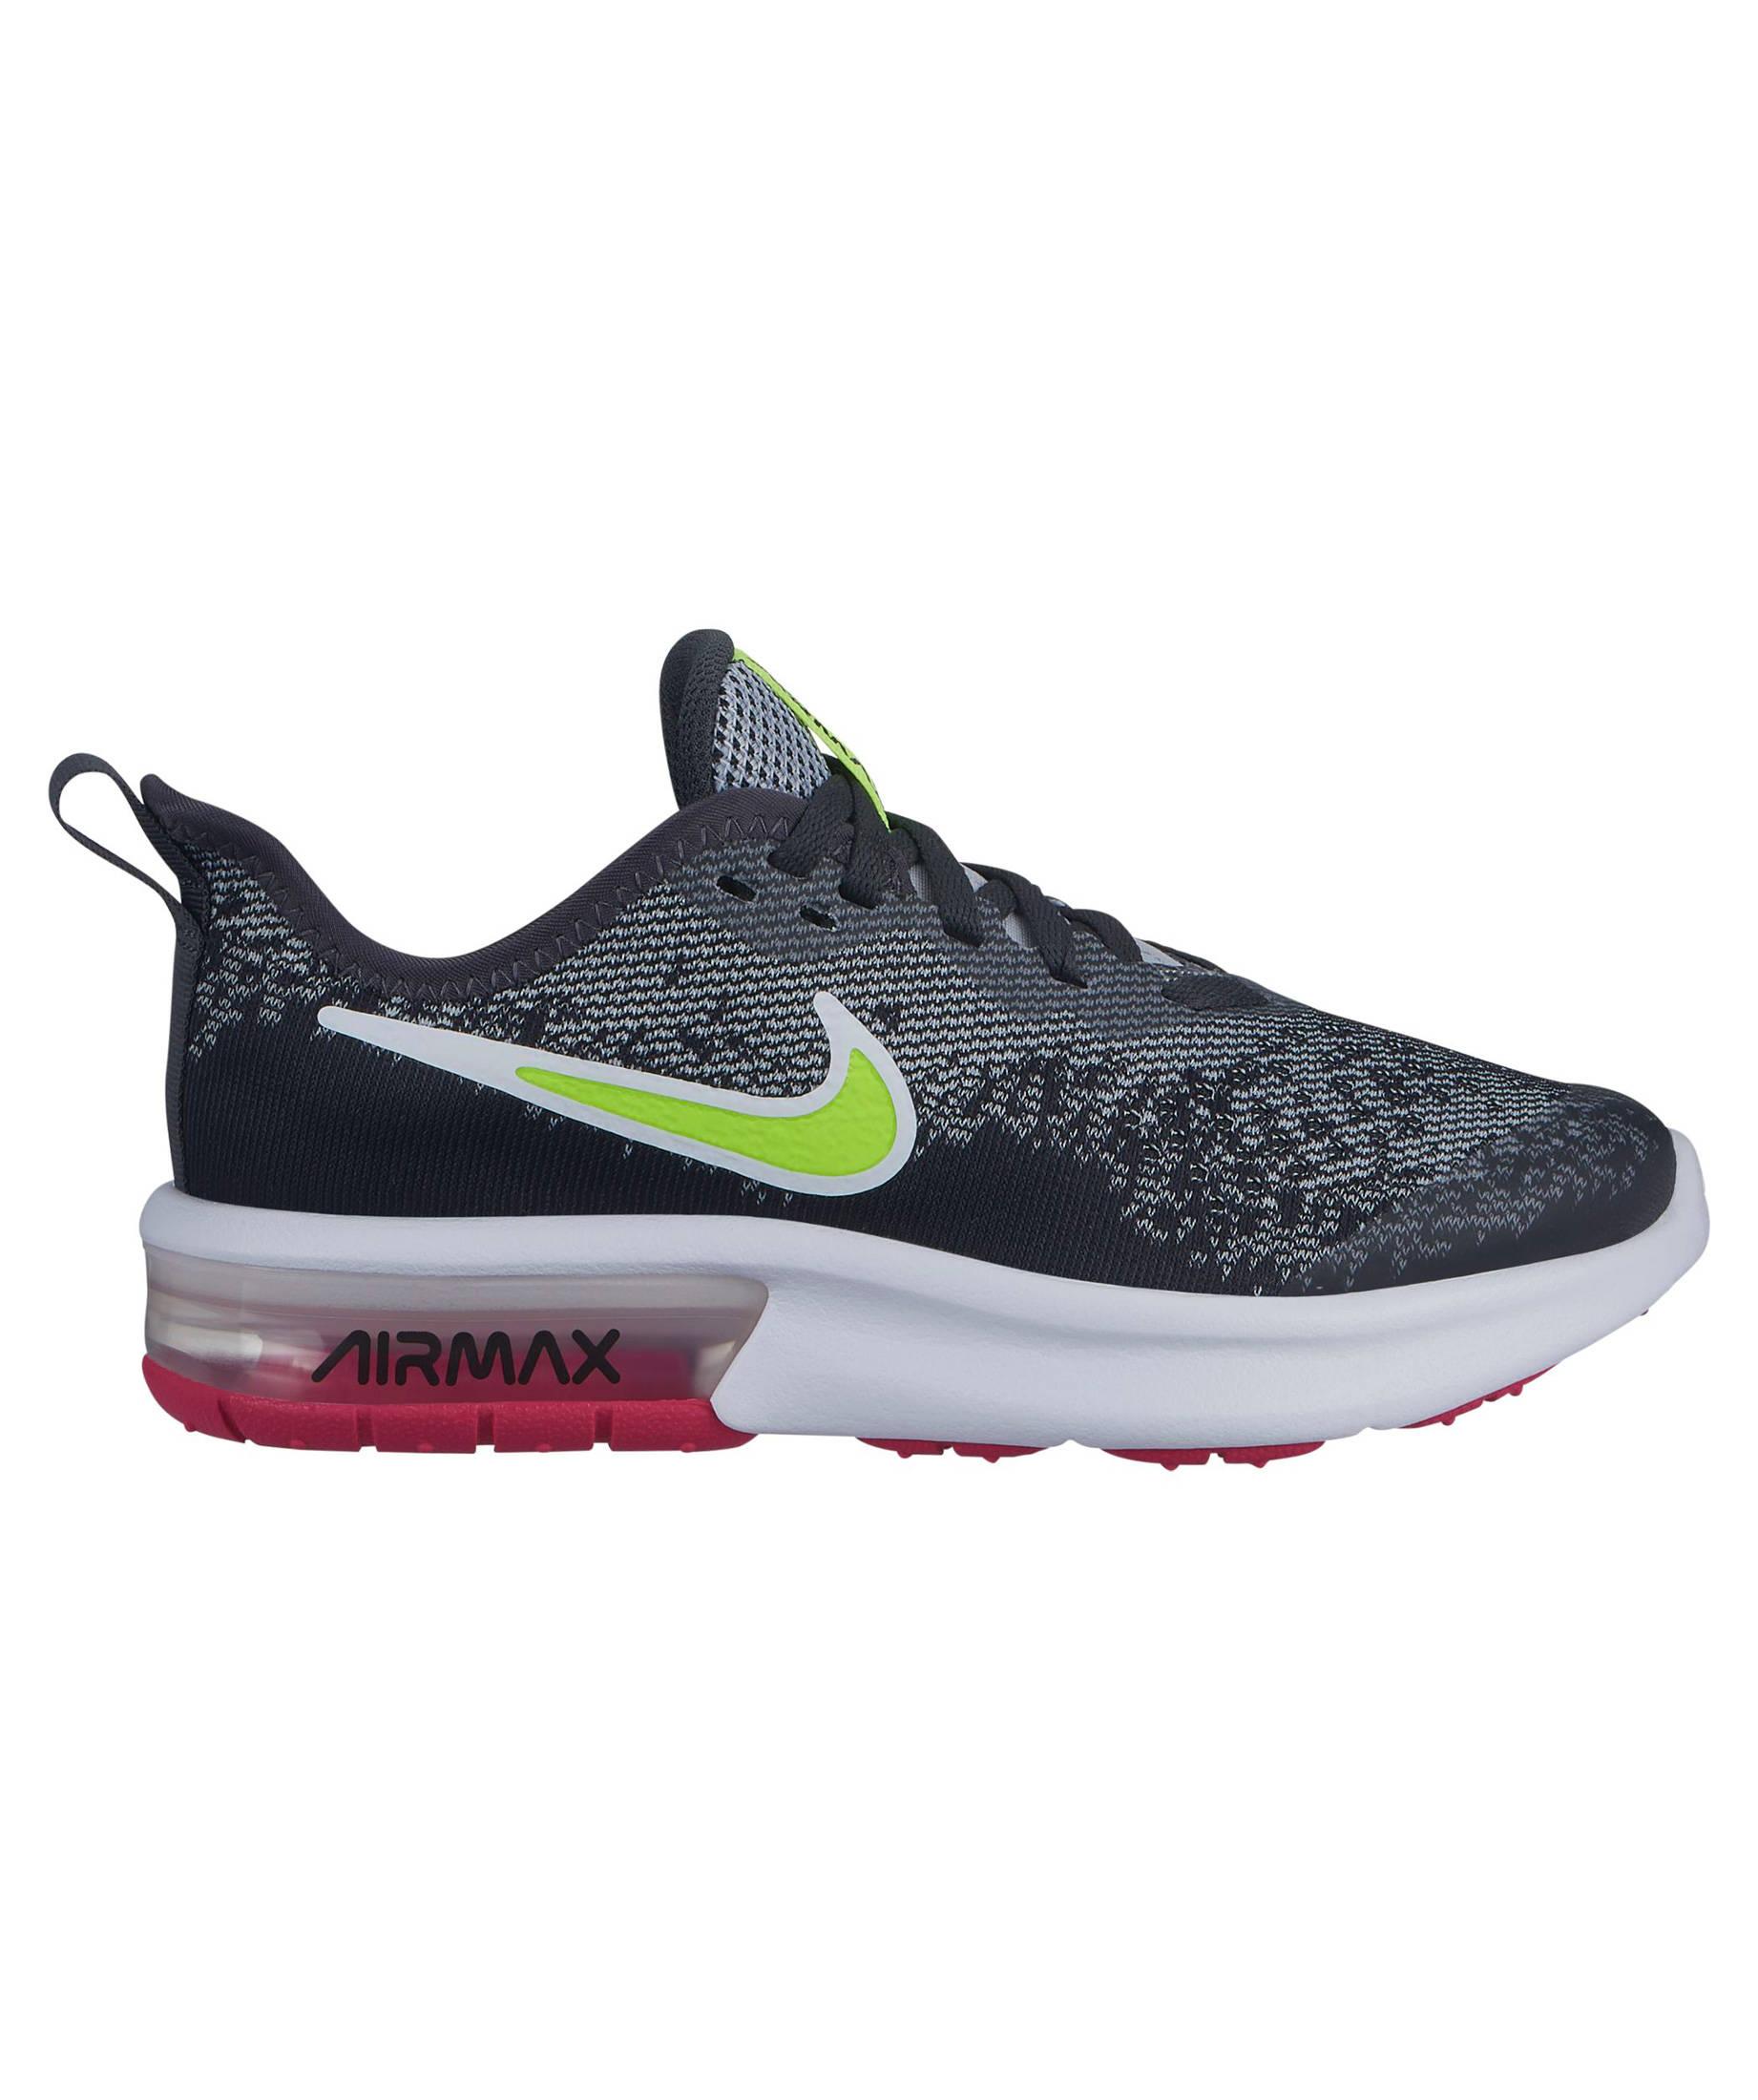 Nike Schuhe Air Max Sequent 4 (PS) CODICE AQ3579 007, Grau